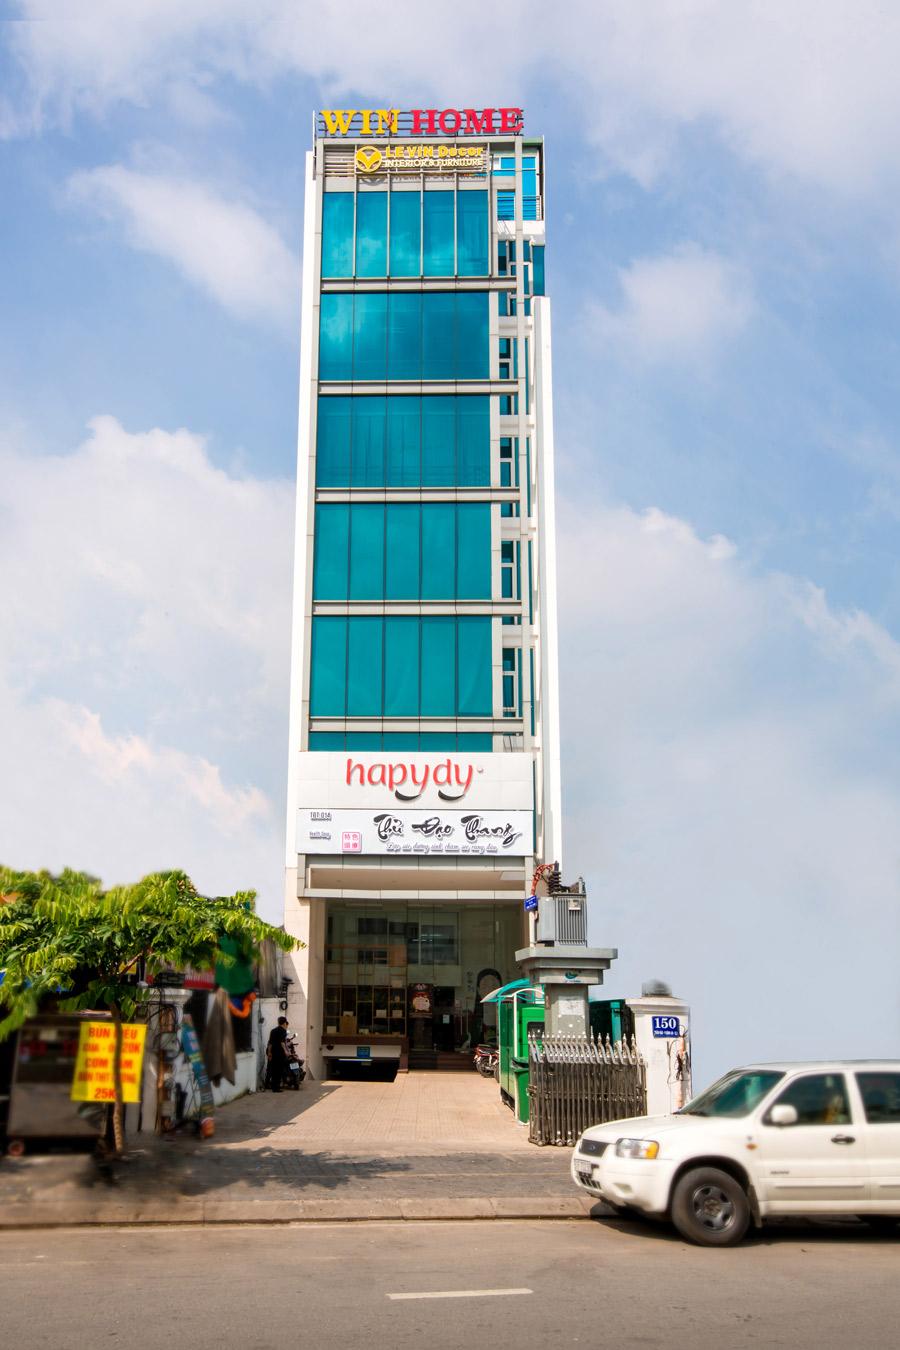 Tổng thể tòa nhà văn phòng cho thuê Win Home 150 Trần Não.